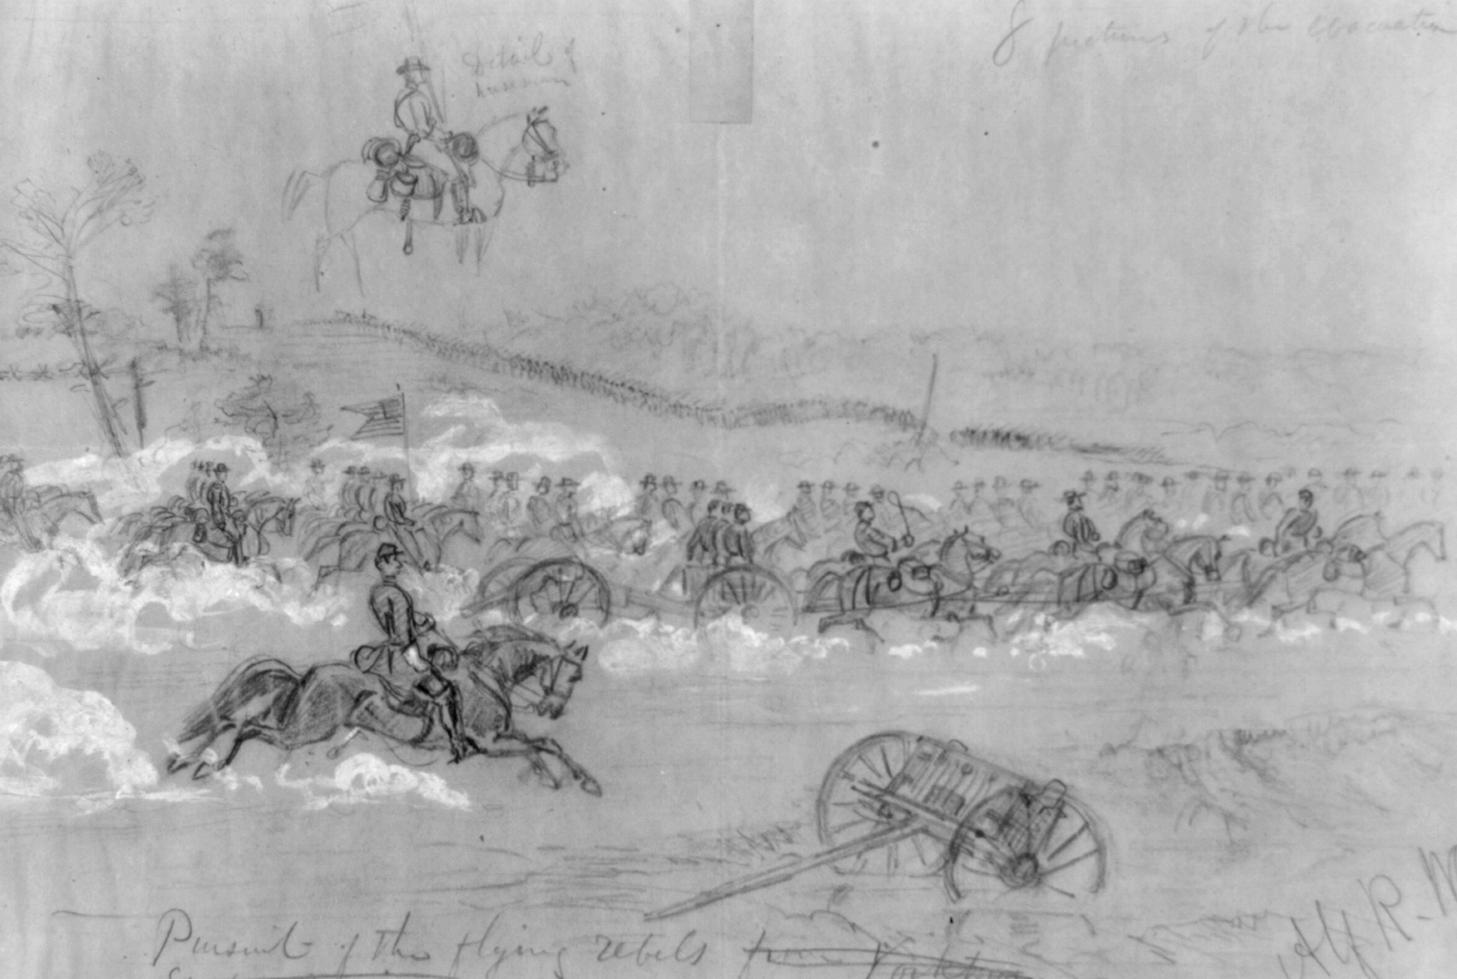 ヨーク タウン の 戦い